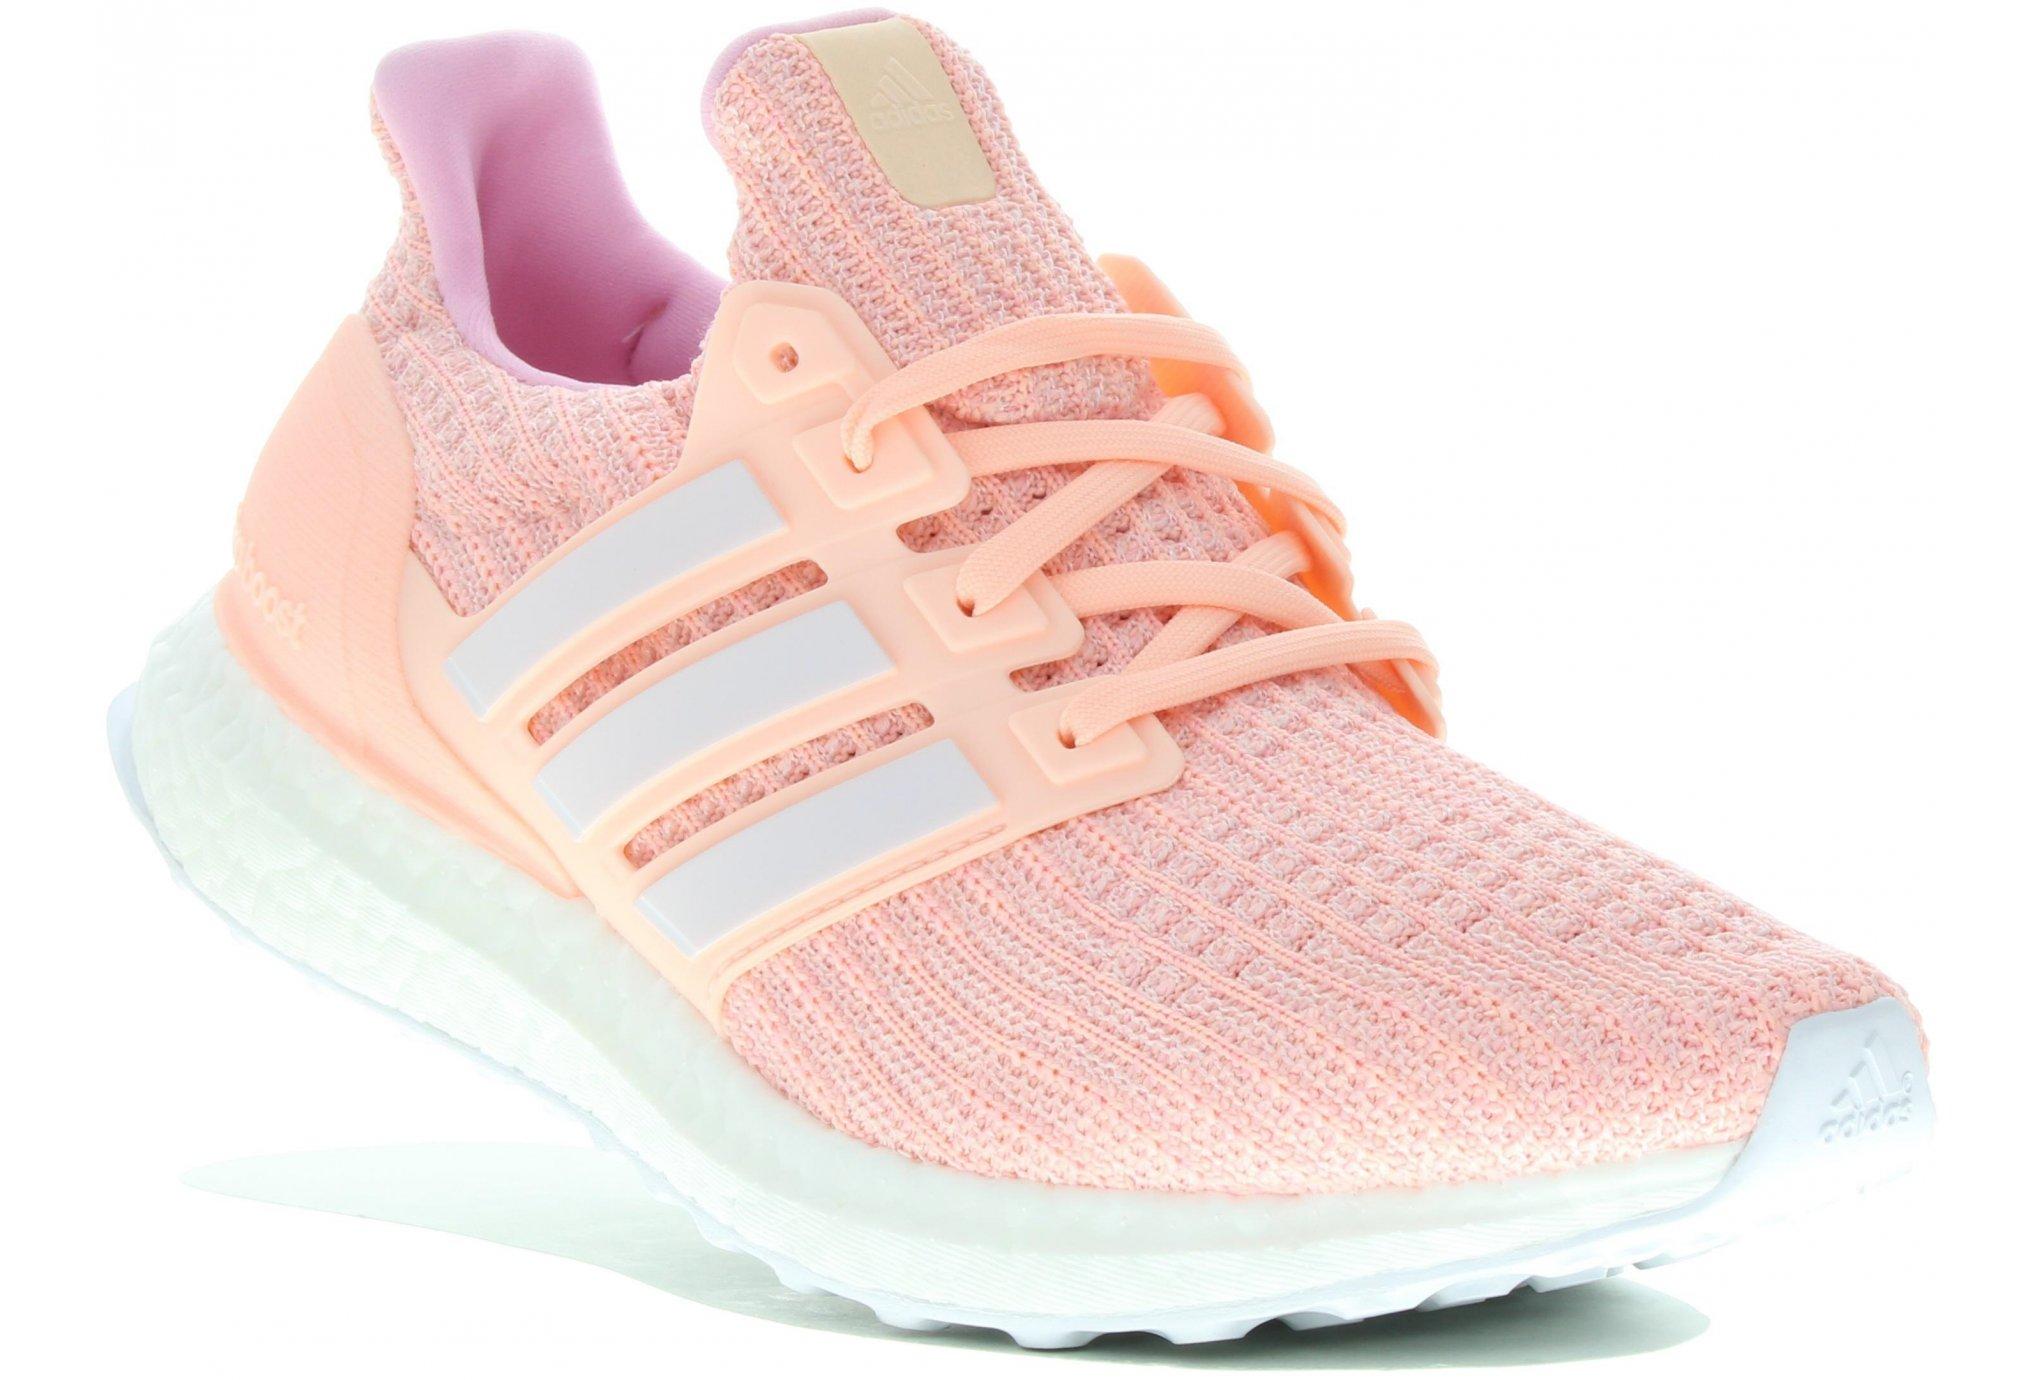 adidas UltraBOOST Chaussures running femme